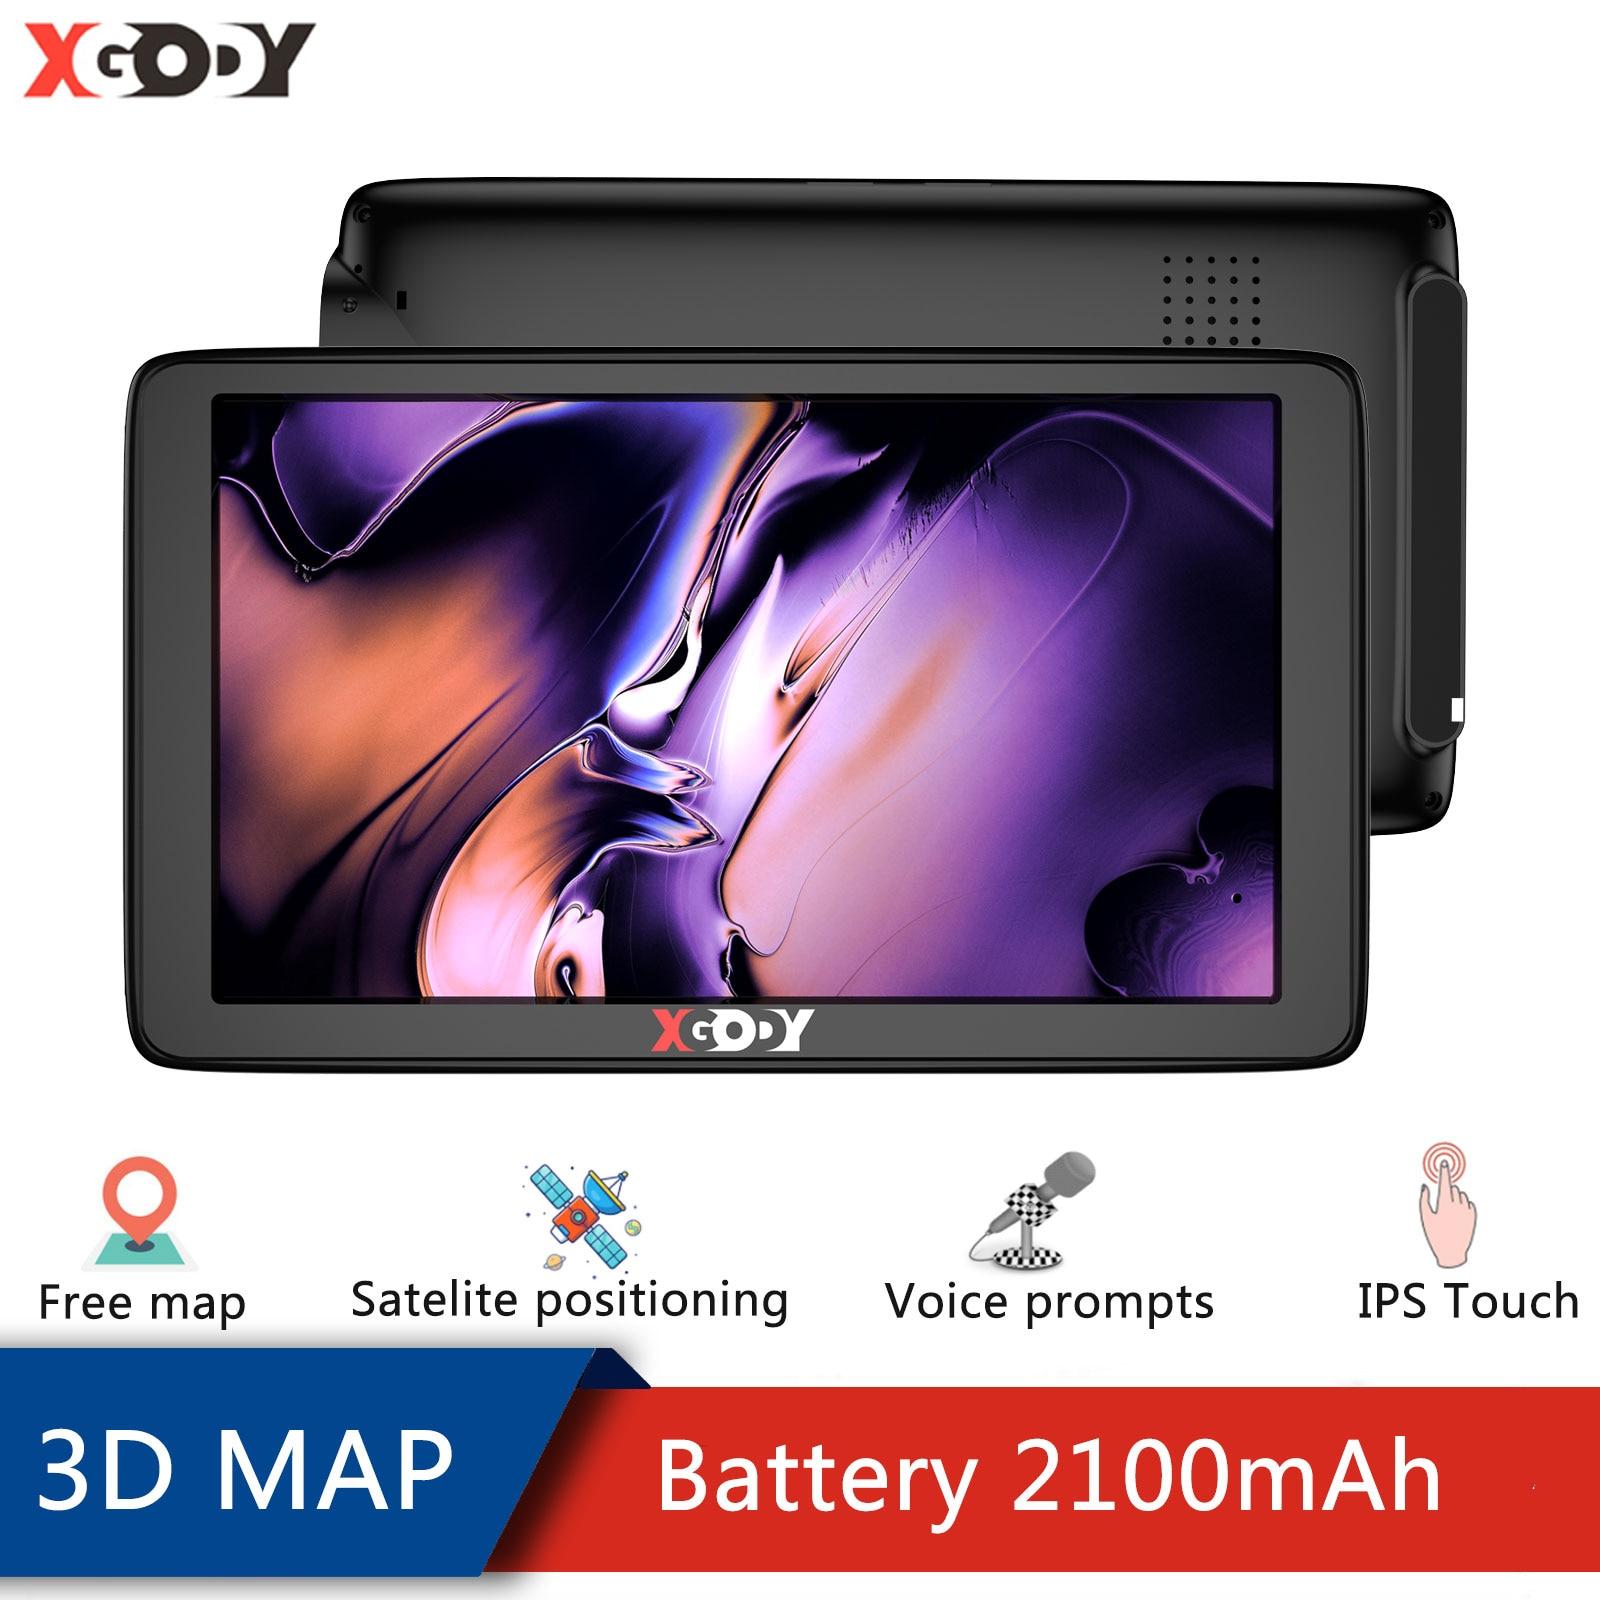 Xgody автомобиля GPS навигатор 7 дюймов сенсорный экран Экран GPS навигатор грузовик Зонт спутниковой навигации 256 м + 8G 2020 в европейском и америка...